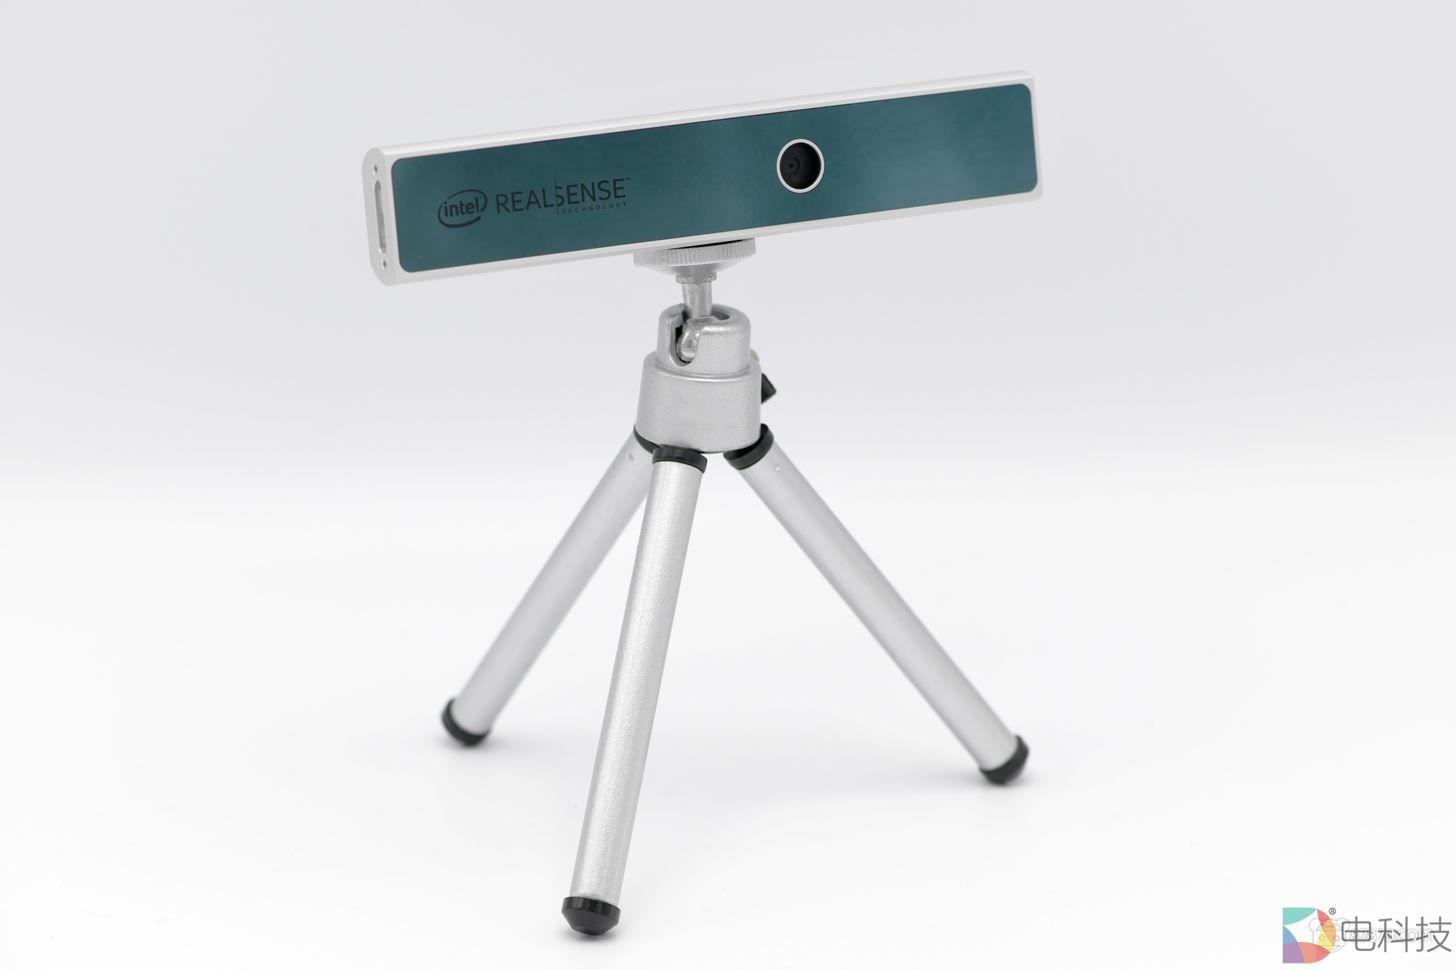 英特尔推出入门级实感摄像头SR305,售价79美元